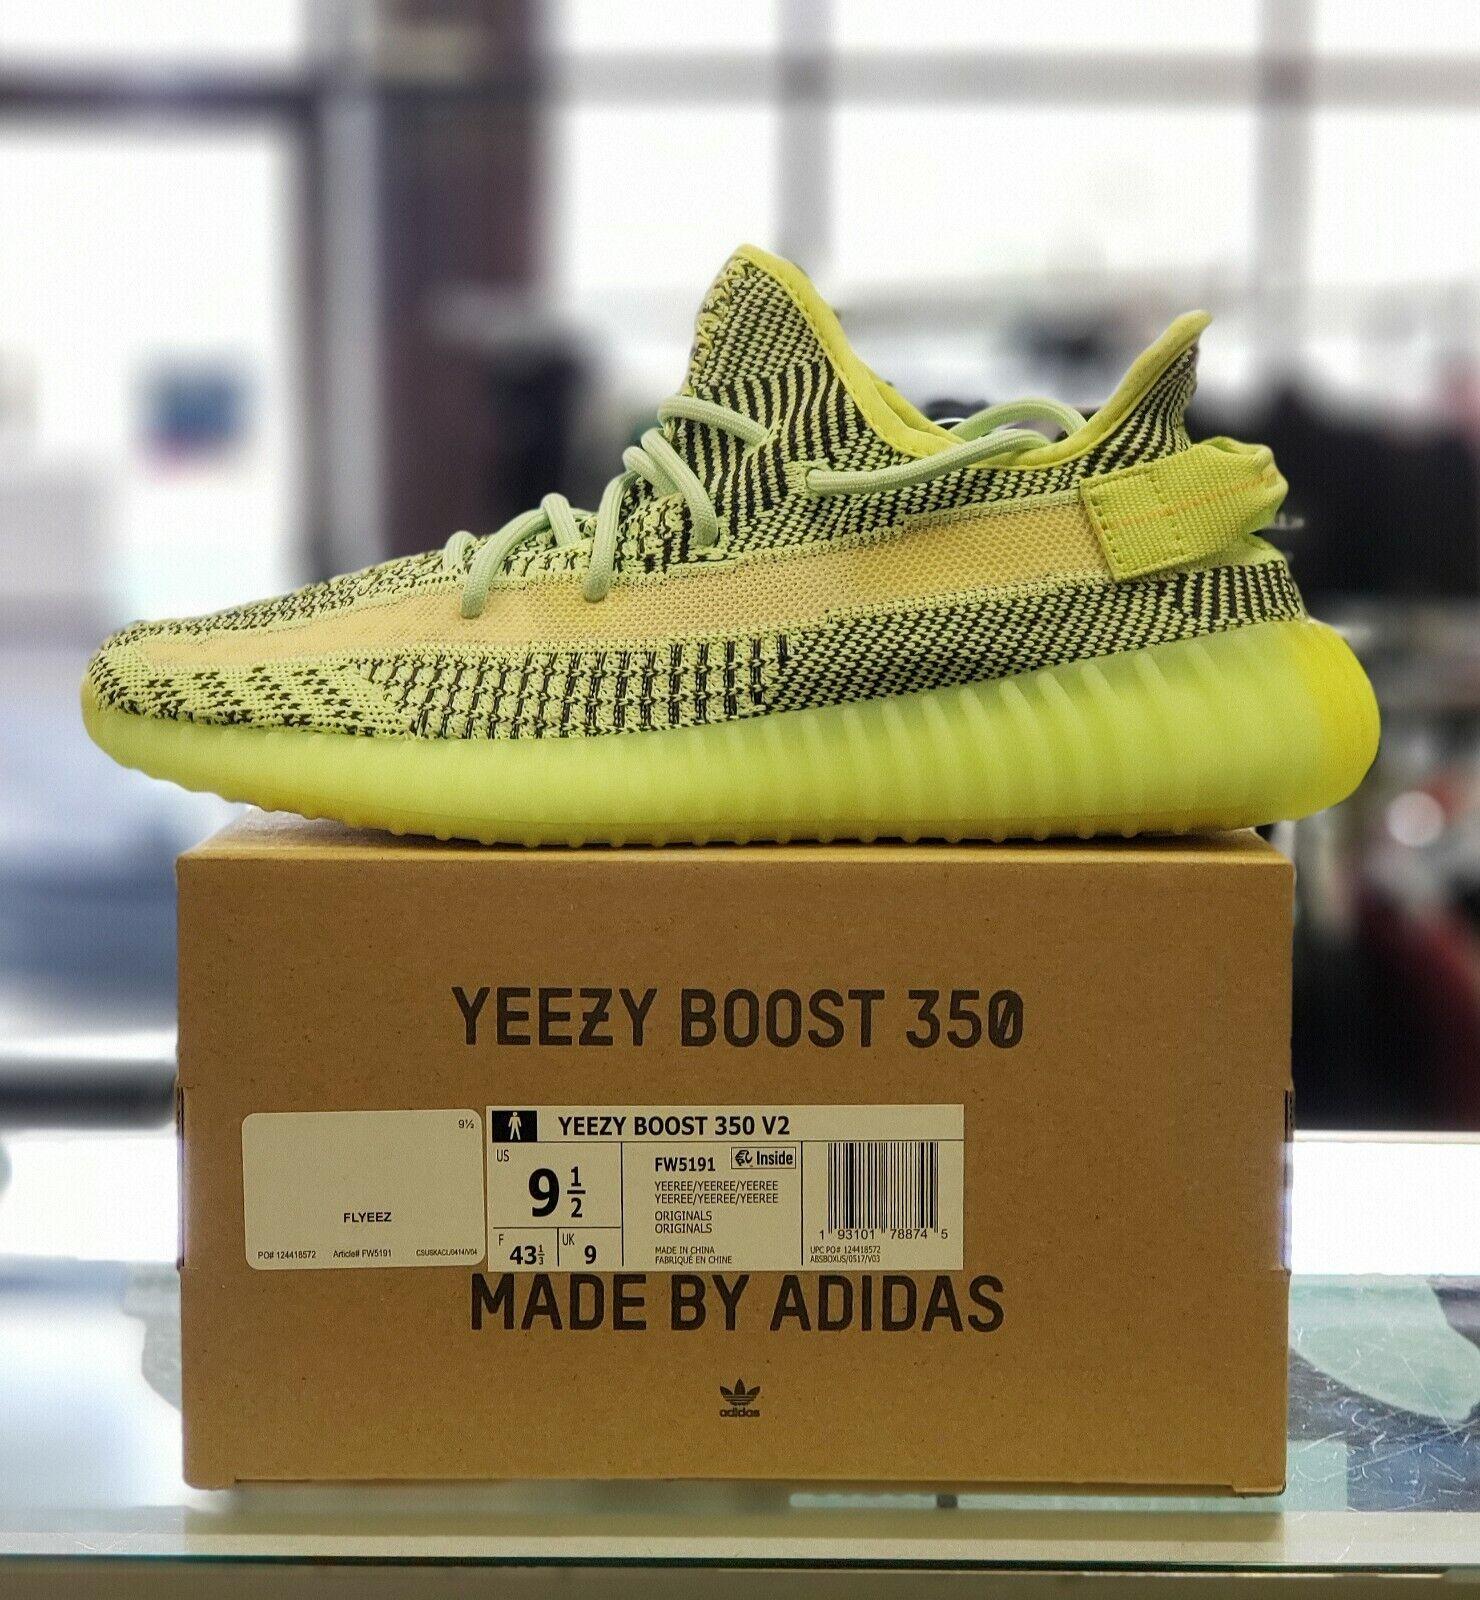 adidas Yeezy Boost 350 V2 Yeezreel (Non Reflective)